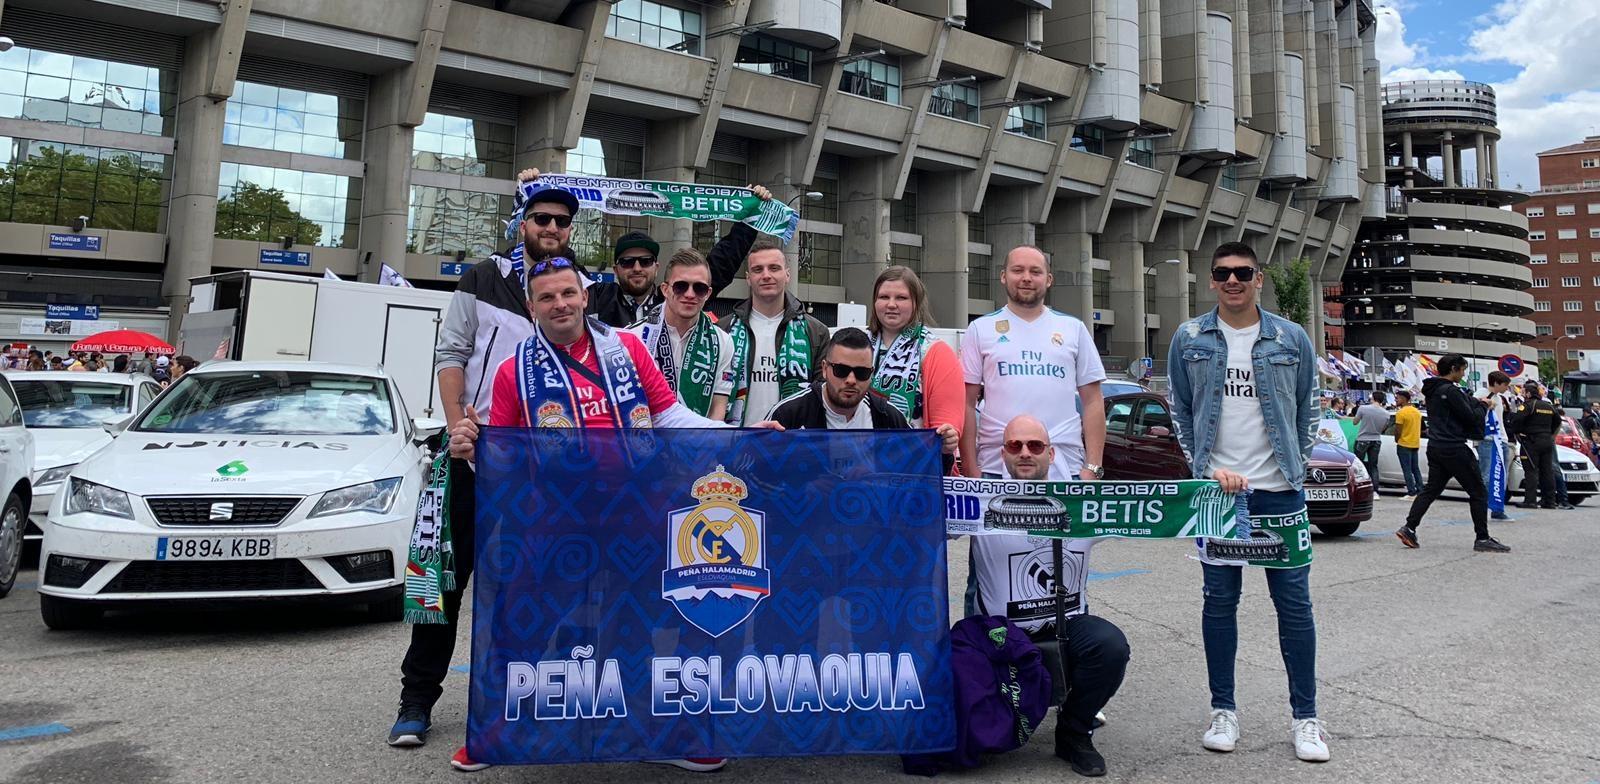 FANKLUB: Posledné ligové kolo sme spojili s ďalšími dvomi zápasmi. Ďalší skvelý fanklubový zájazd do Madridu za nami!